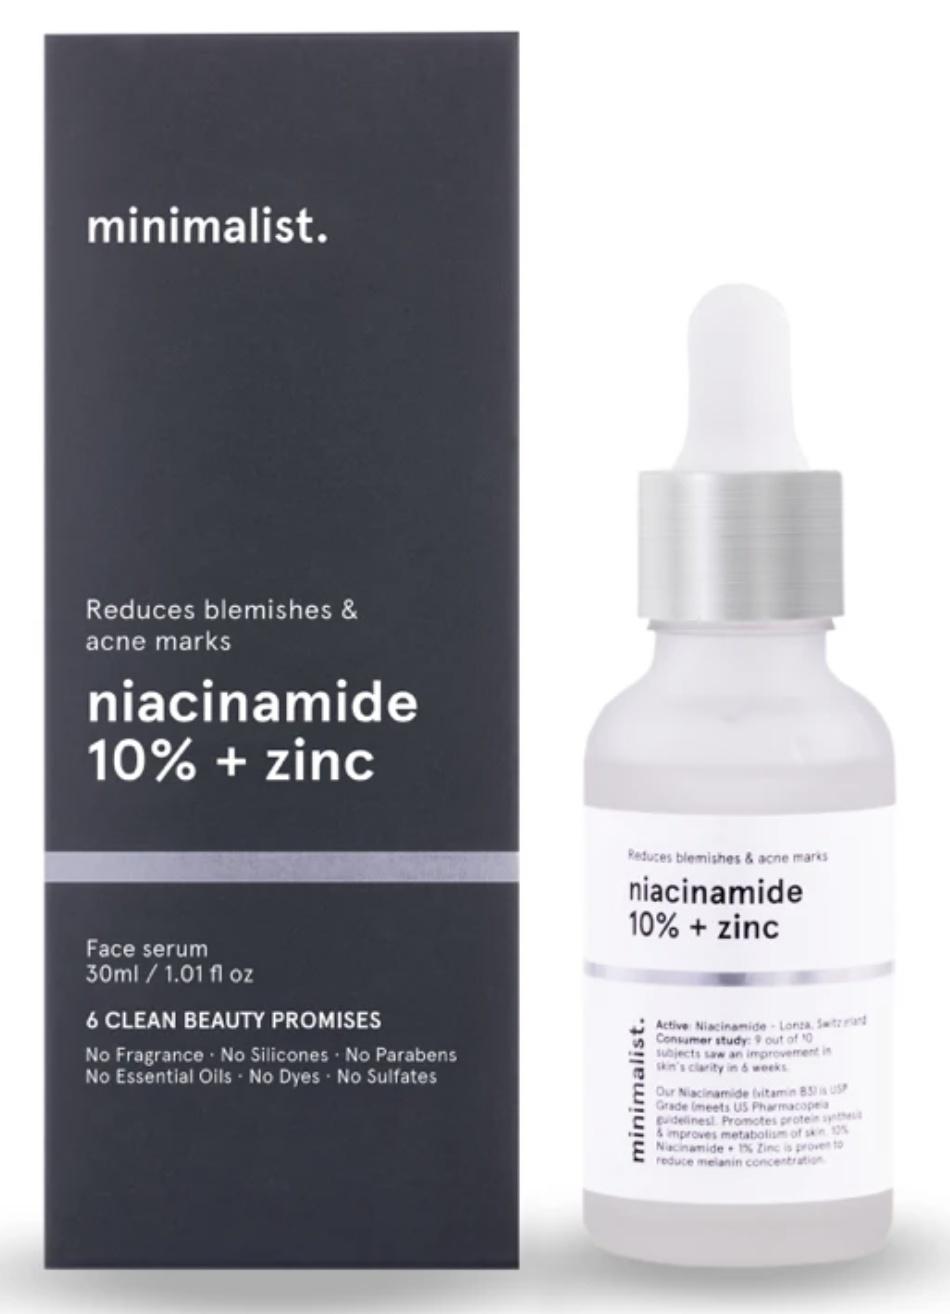 Be Minimalist Niacinamide 10%